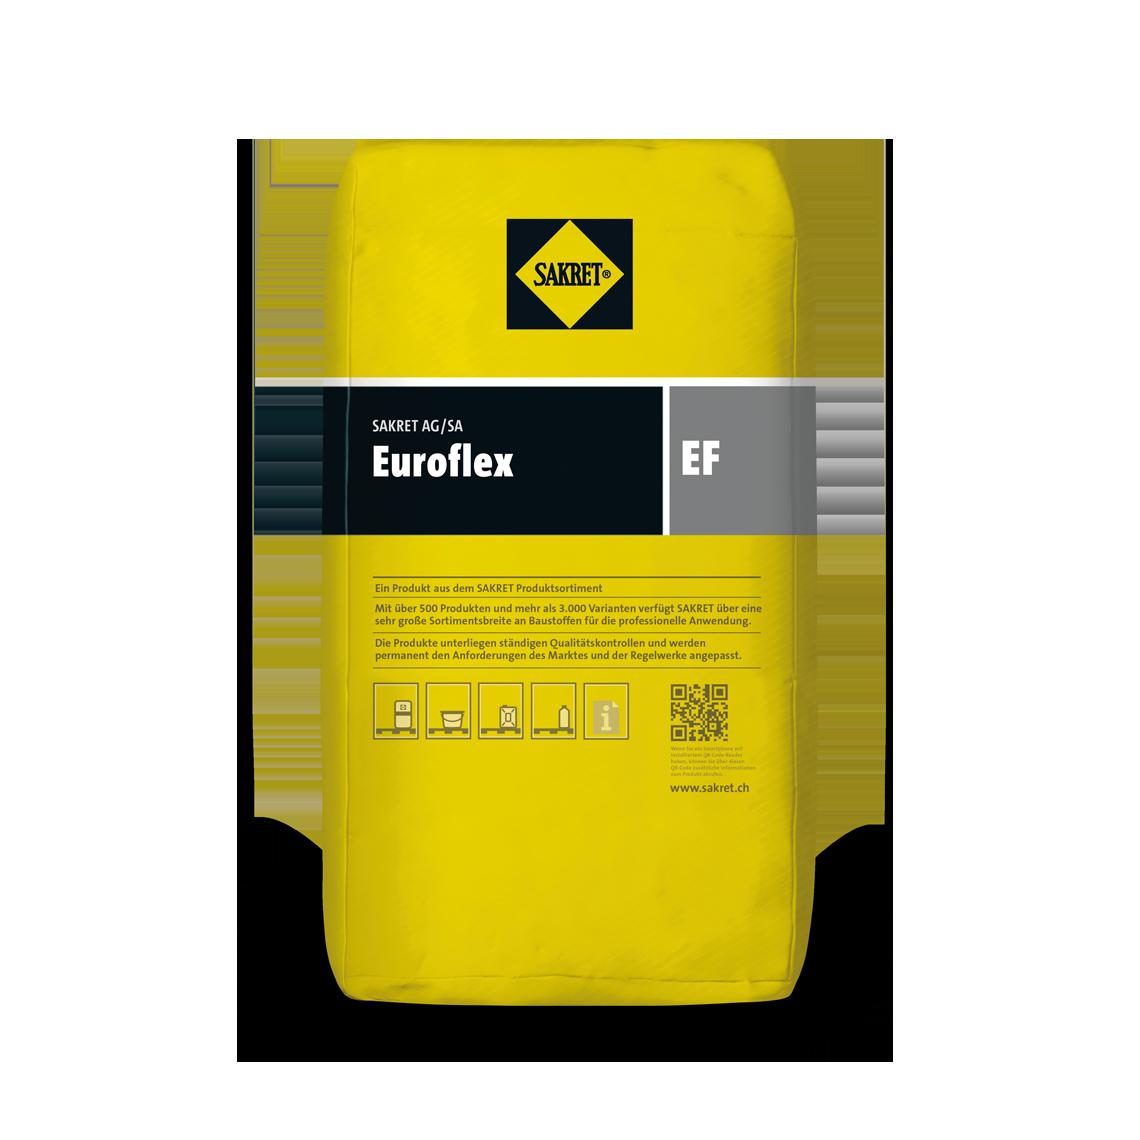 SAKRET Schweiz Euroflex EF